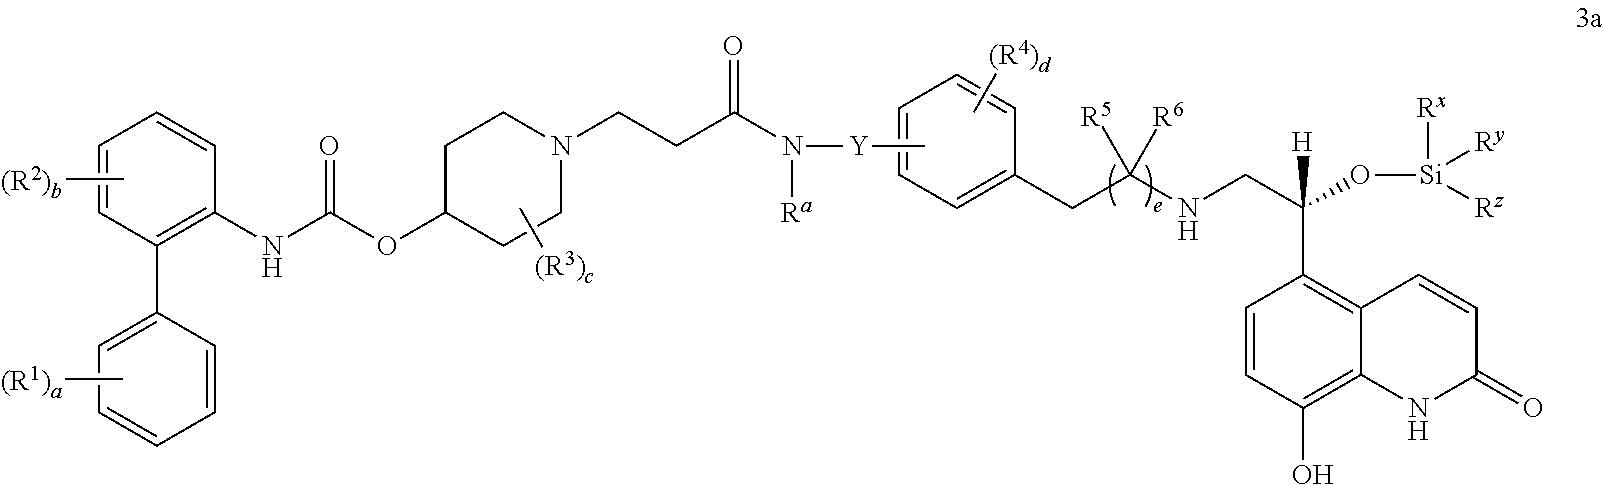 Figure US10138220-20181127-C00004